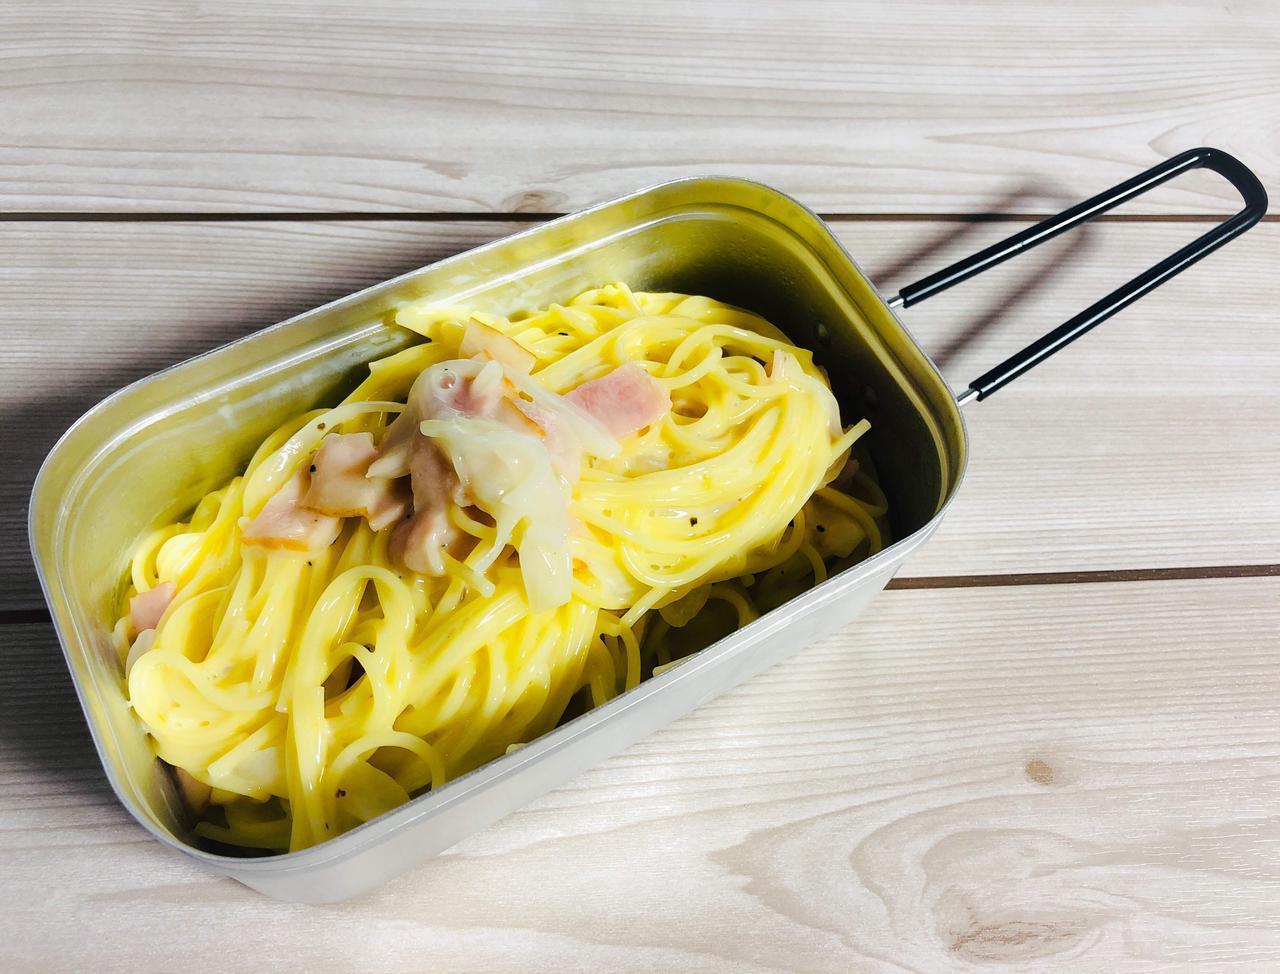 画像: 【簡単レシピ】メスティンを使った料理3選を紹介! カルボナーラ・チキンライスなど - ハピキャン(HAPPY CAMPER)